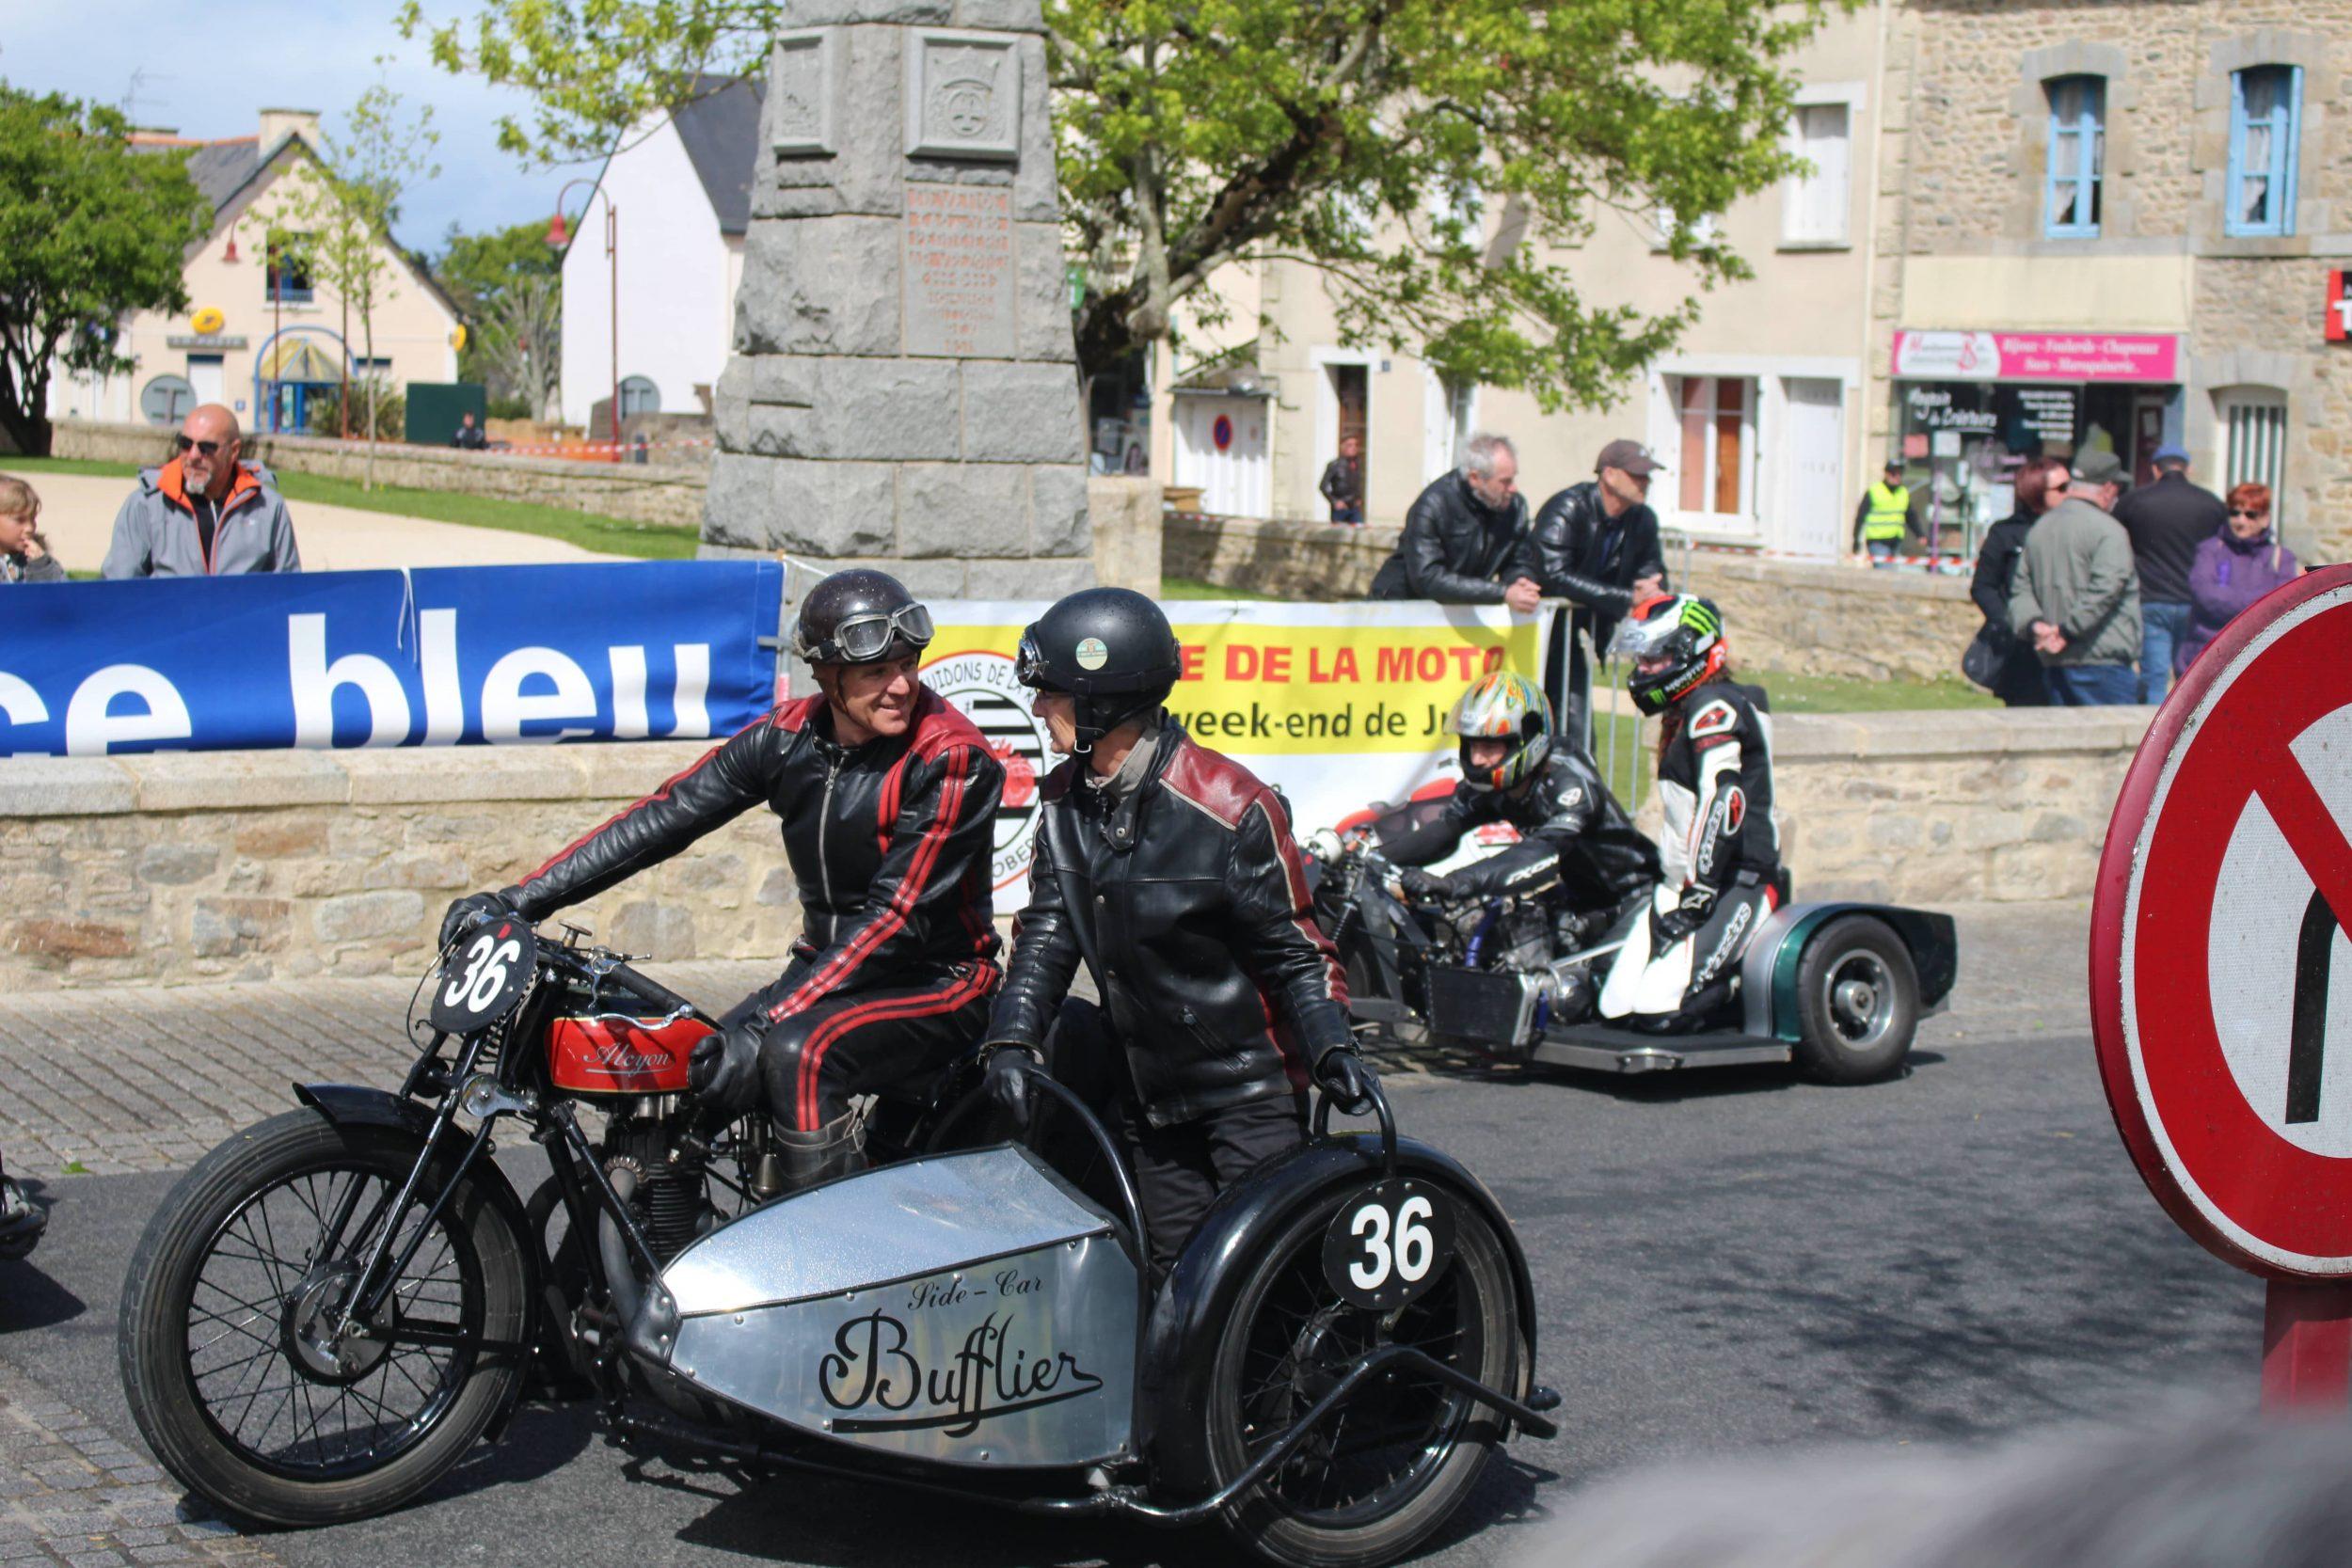 Les Vieux pistons redonnais, un sacré spectacle de motos anciennes !